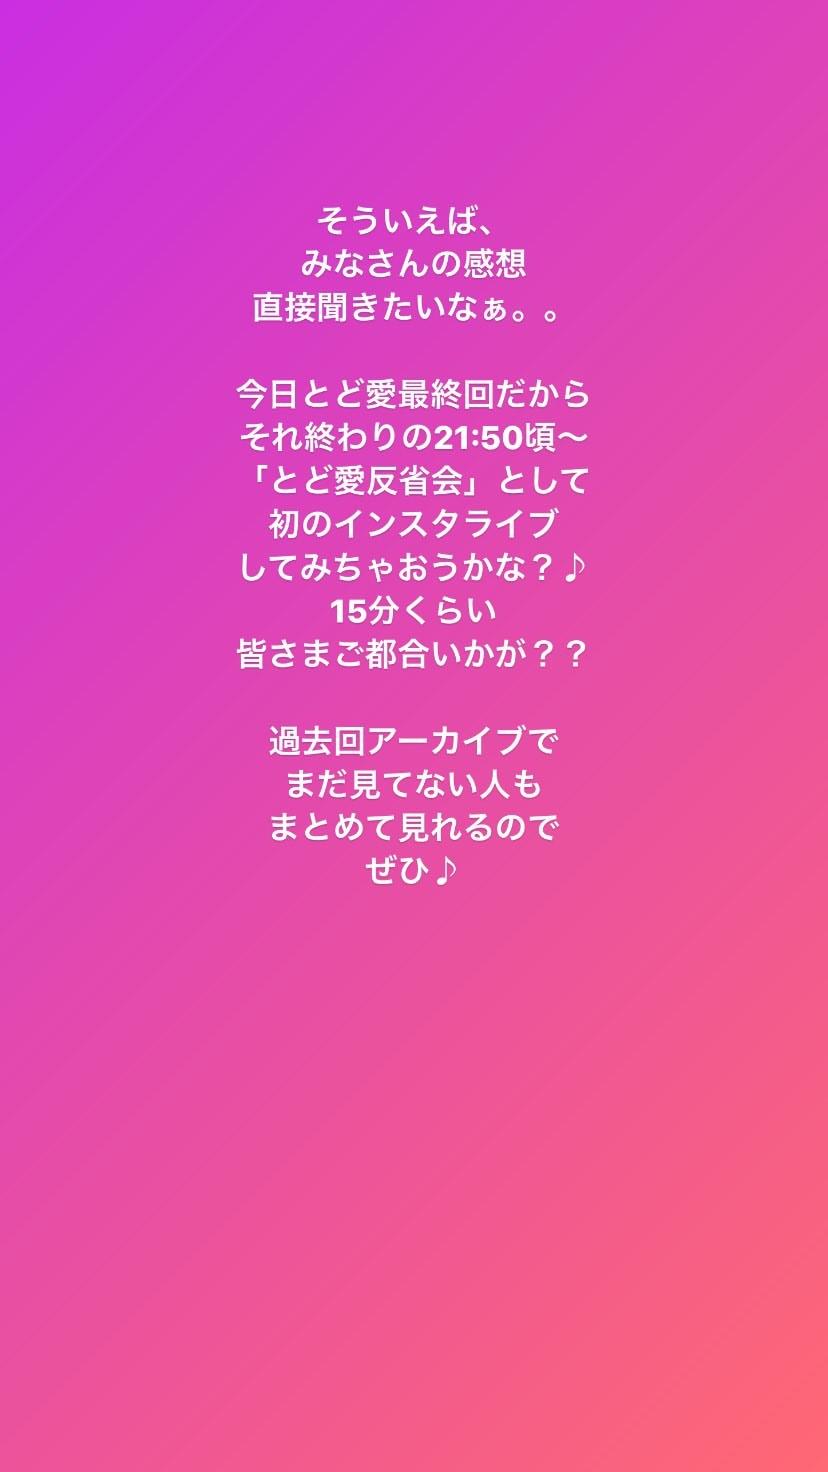 生田絵梨花が初のインスタライブ「とど愛反省会」